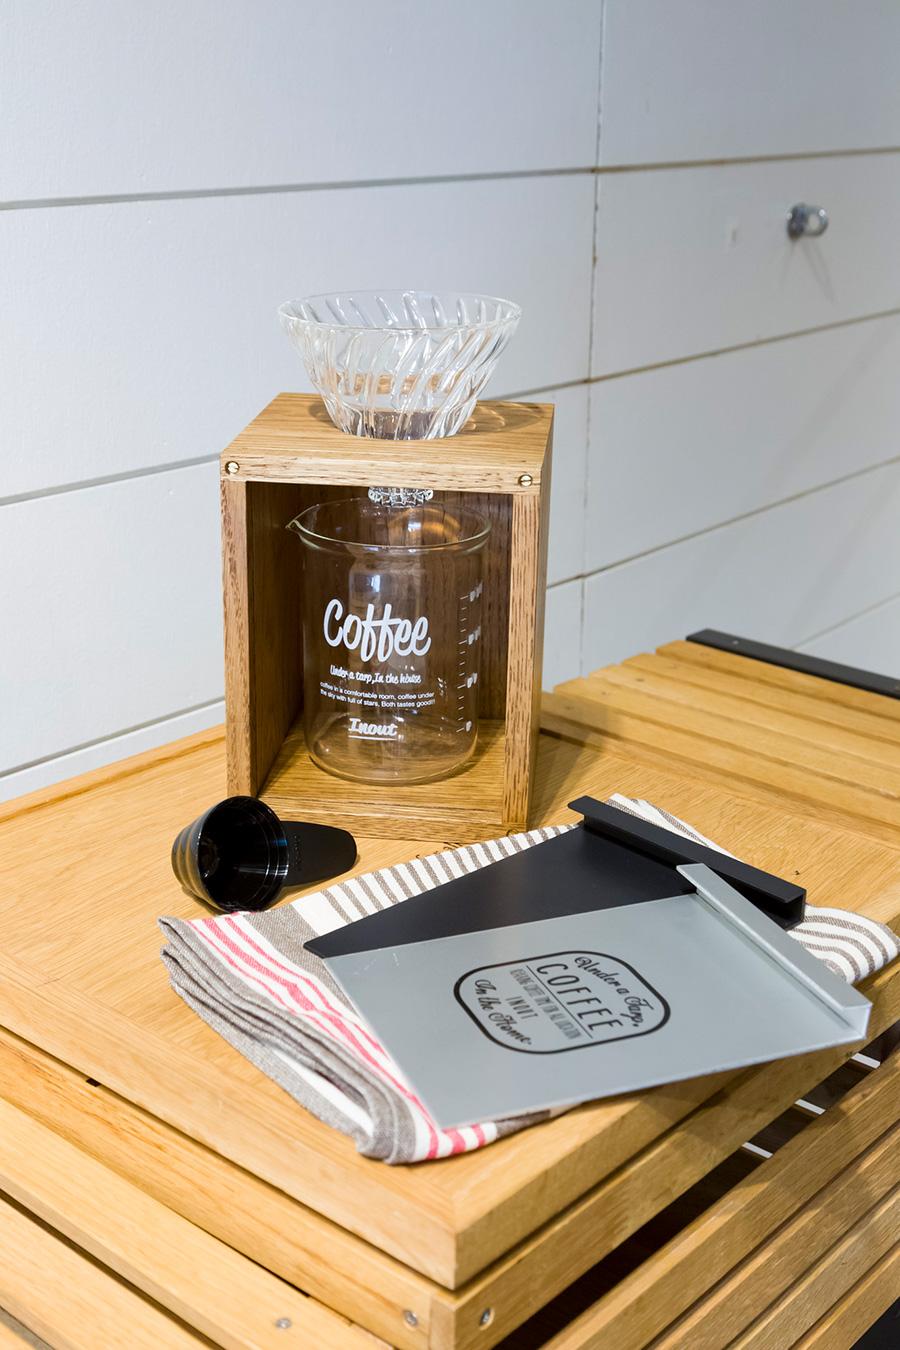 1キャンプサイトの清々しい空気とともに味わうコーヒーは格別な味。コンパクトな箱の中に、本格的なコーヒードリッパーが収められているドリッパーキット。